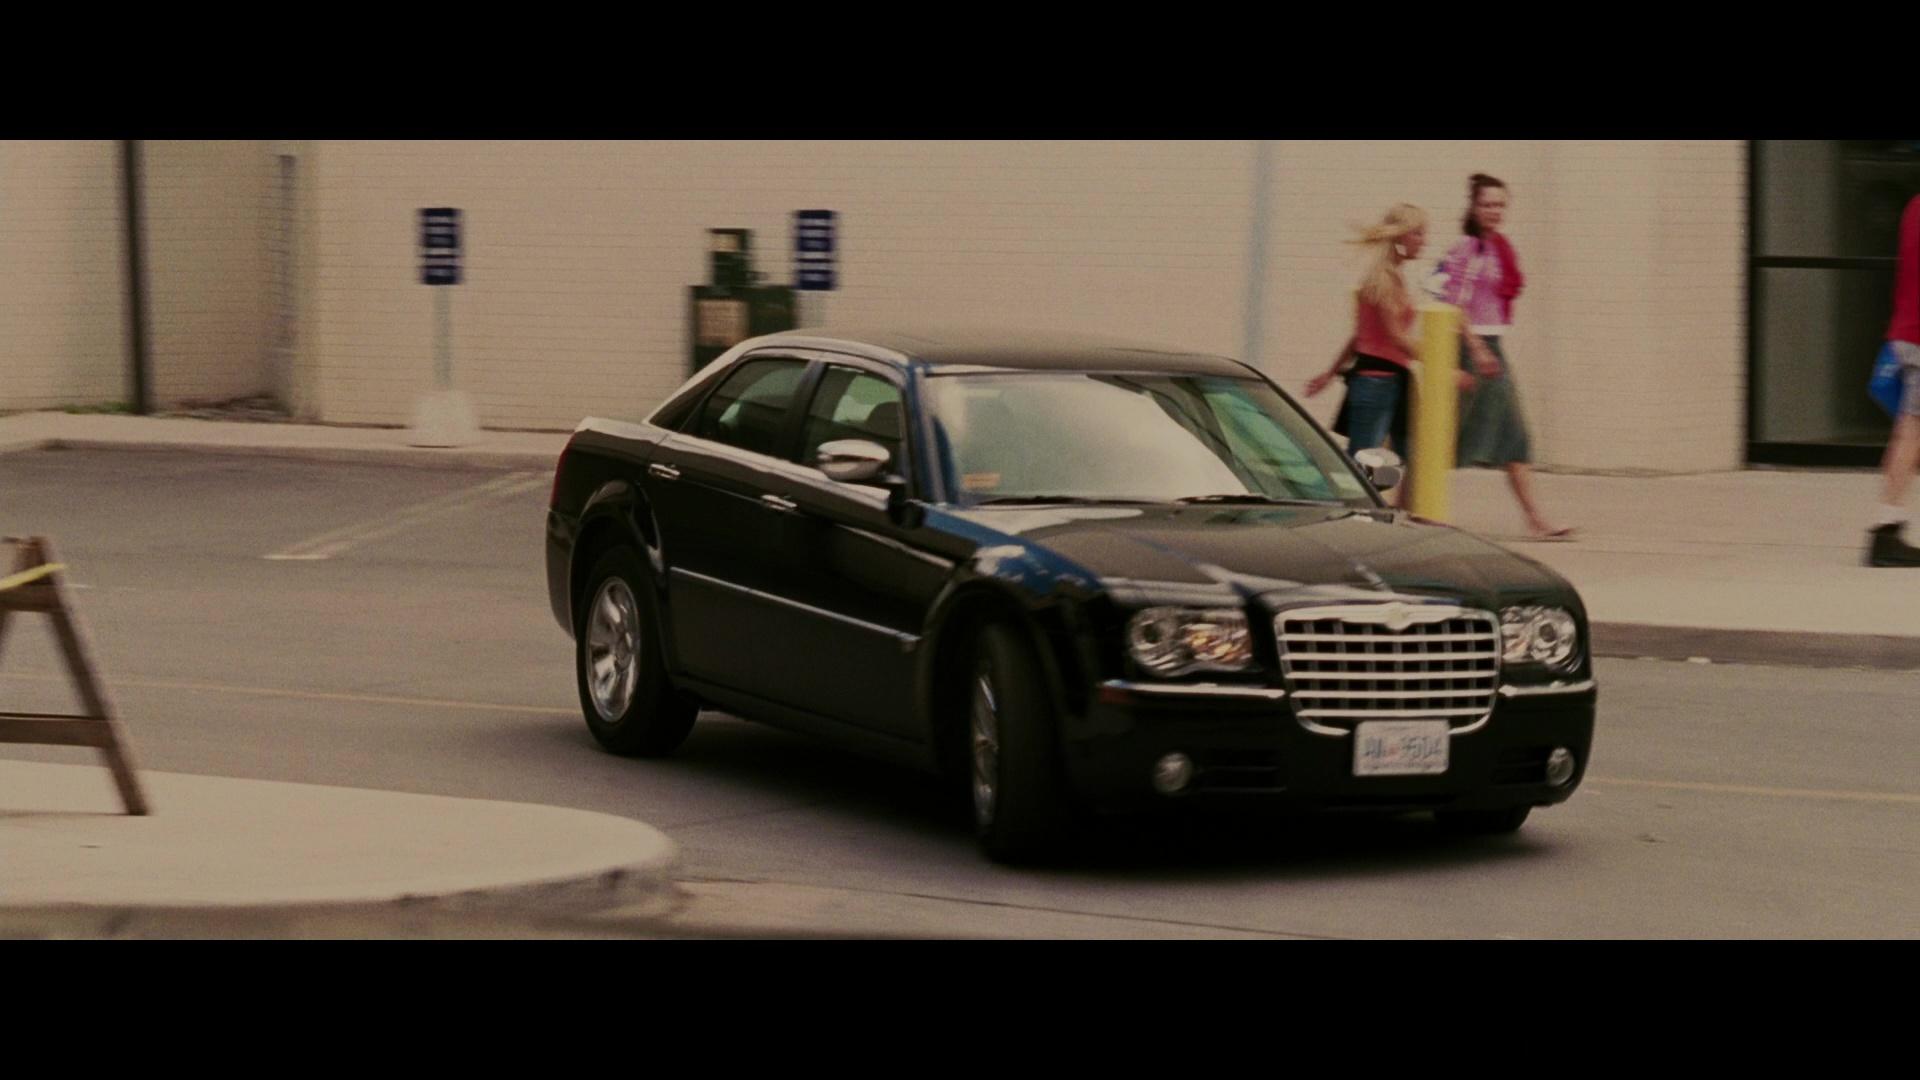 Chrysler Dealer Connect >> Chrysler 300 Car Used by Kiefer Sutherland and Eva ...